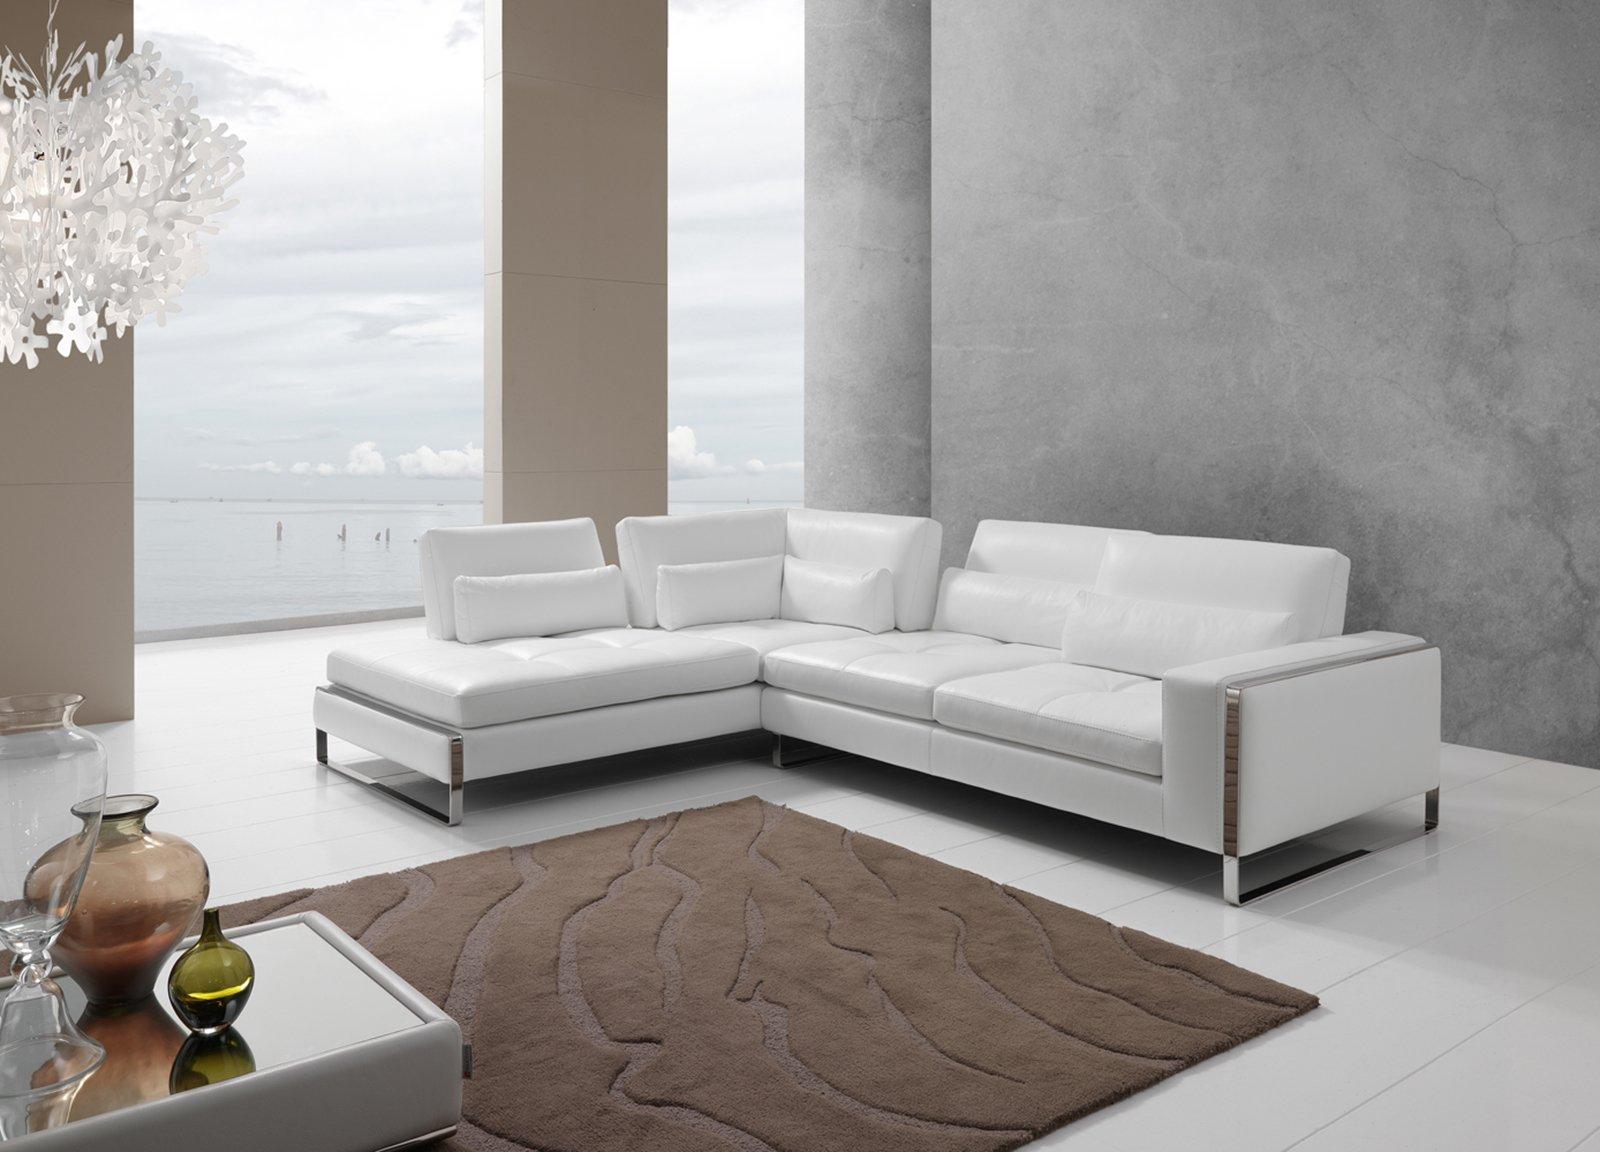 Divani con meccanismi per ogni tipo di relax cose di casa for Divani design italia